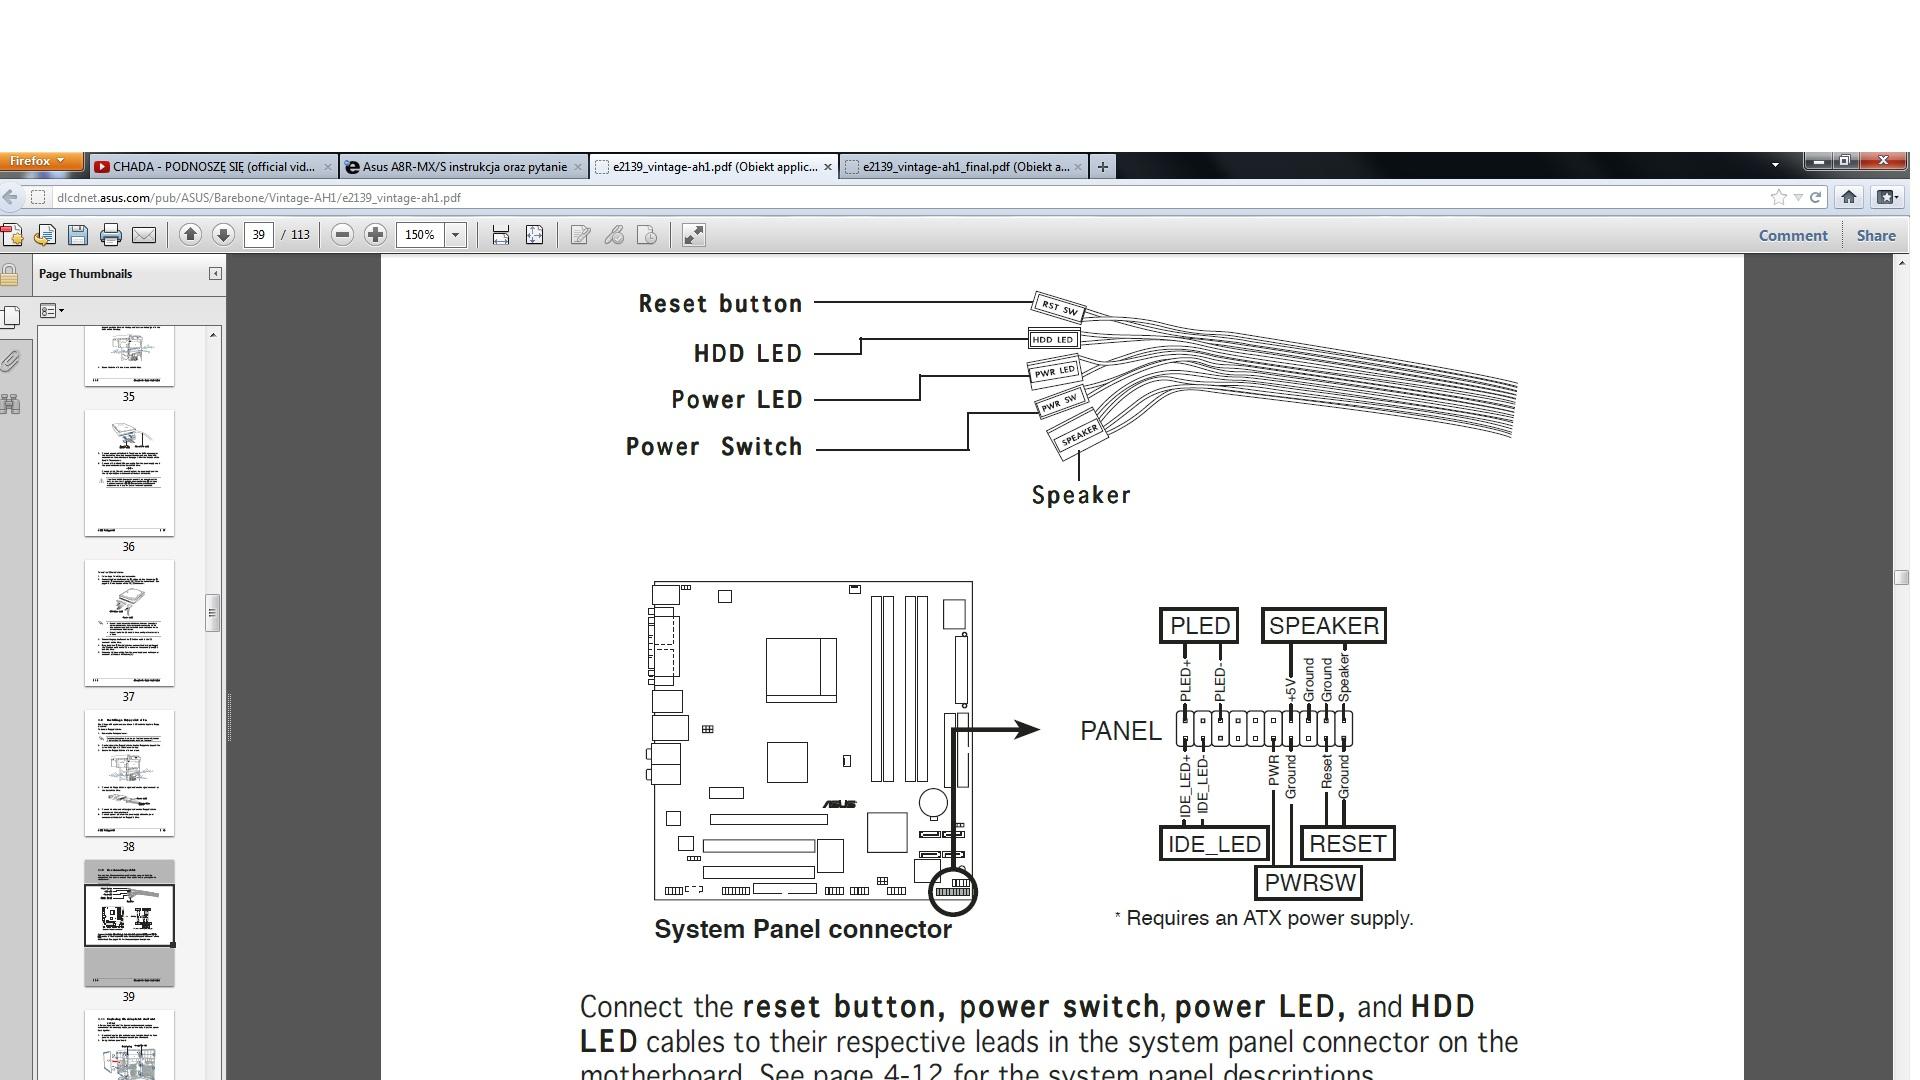 Asus A8R-MX/S instrukcja oraz pytanie